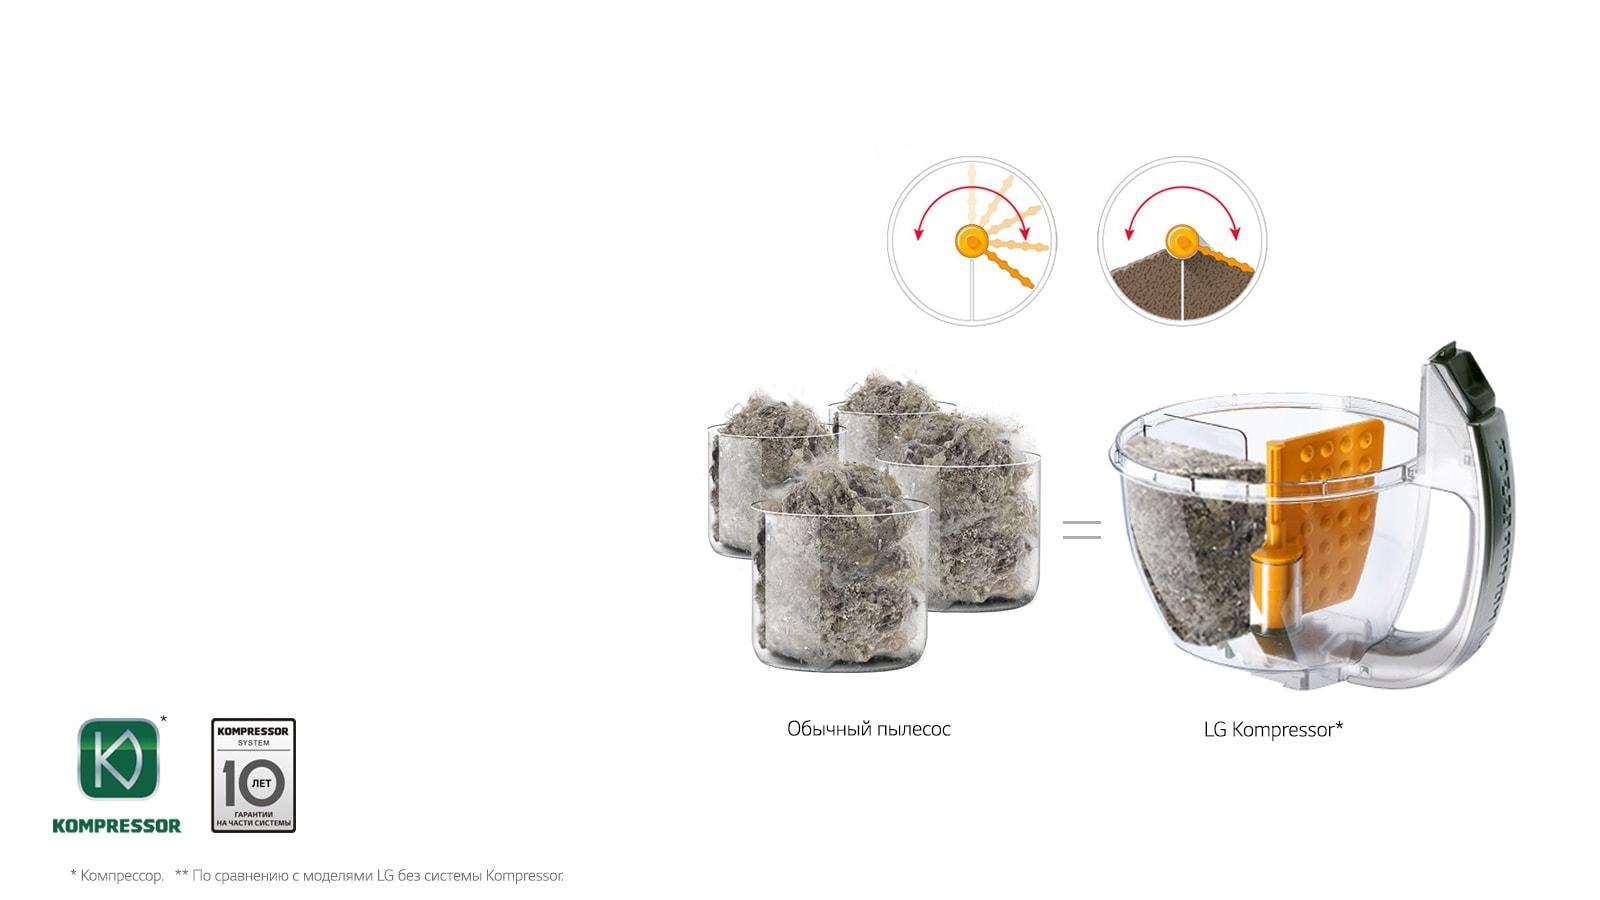 Kompressor*– 4х кратное спрессовывание пыли1